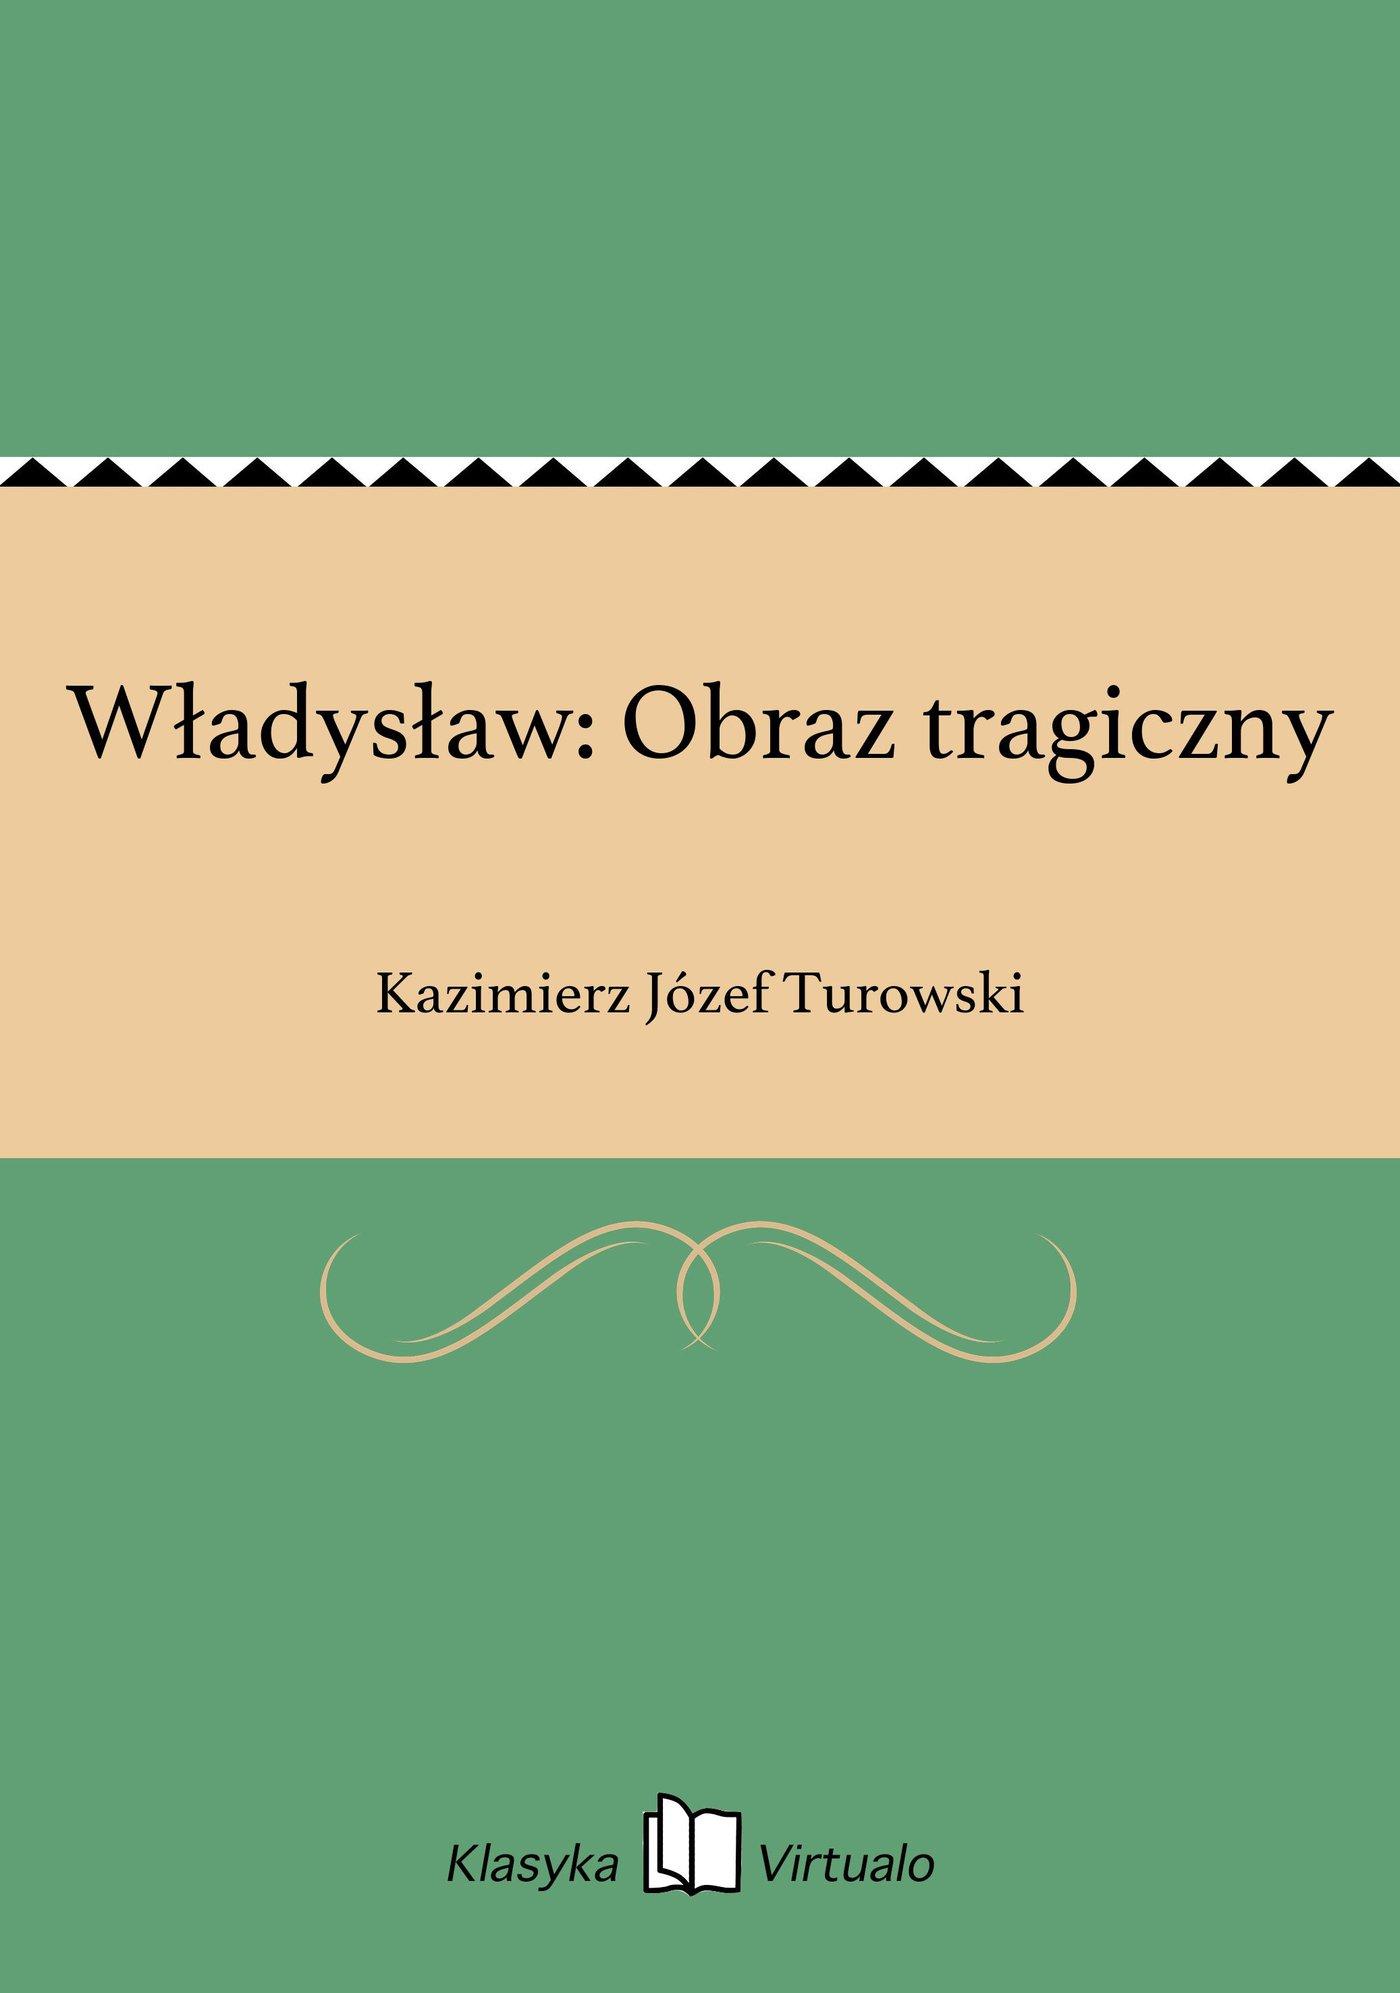 Władysław: Obraz tragiczny - Ebook (Książka EPUB) do pobrania w formacie EPUB